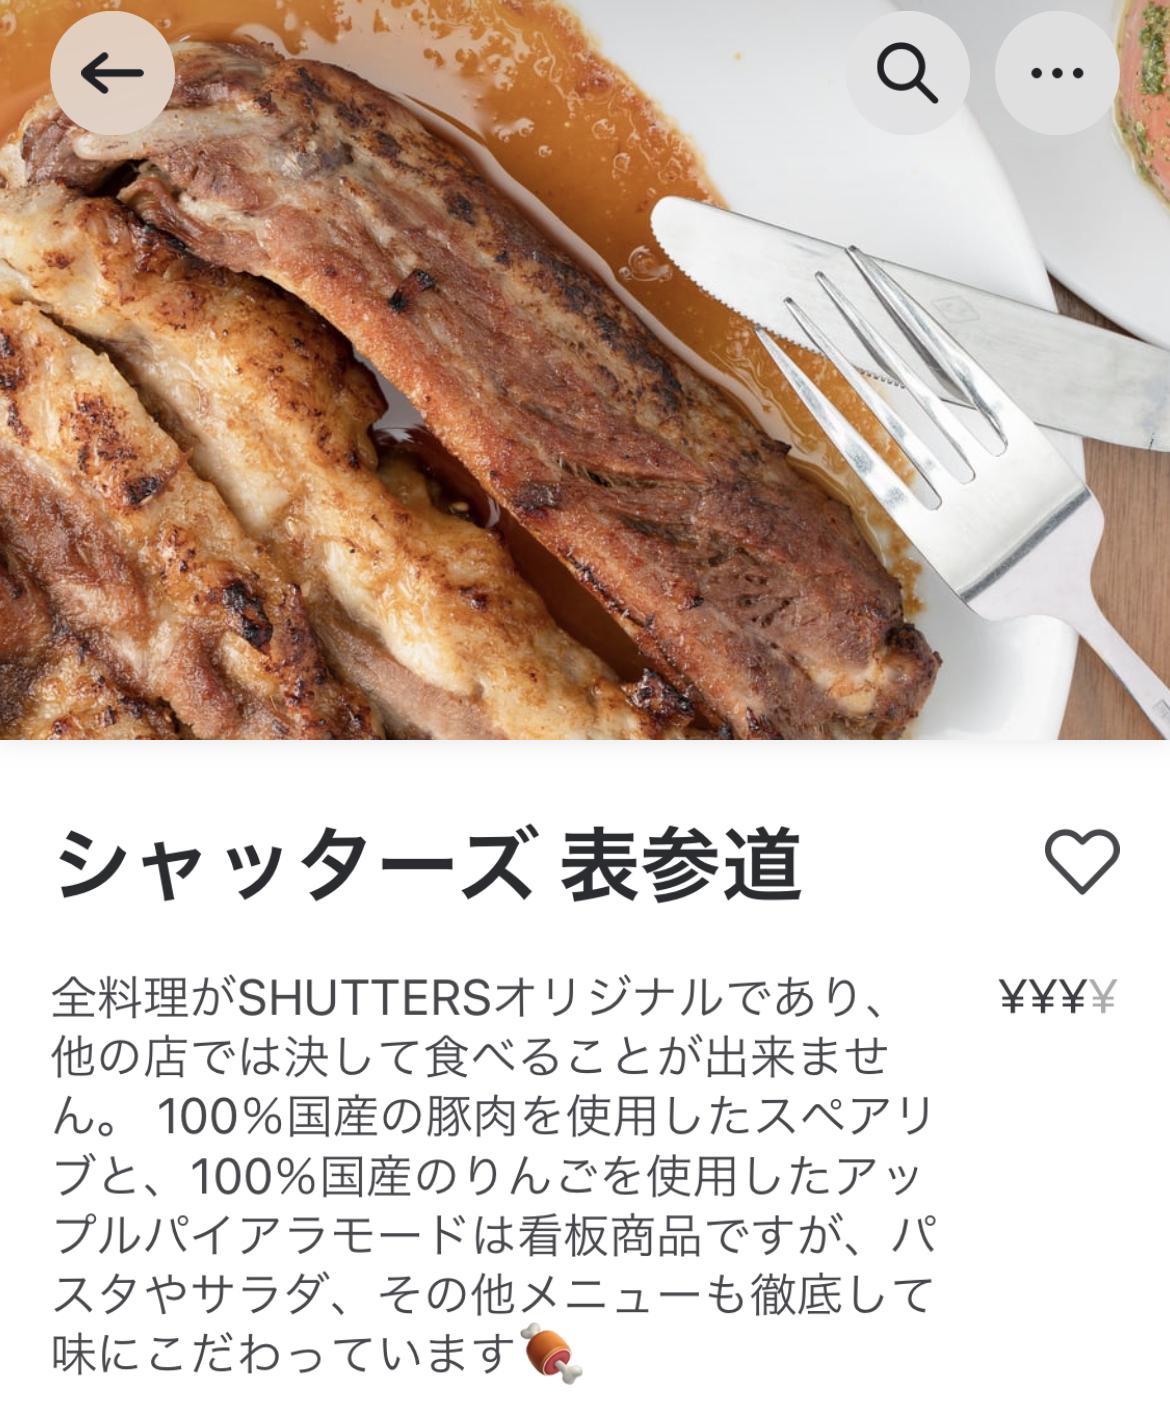 シャッターズ表参道店のWolt画面